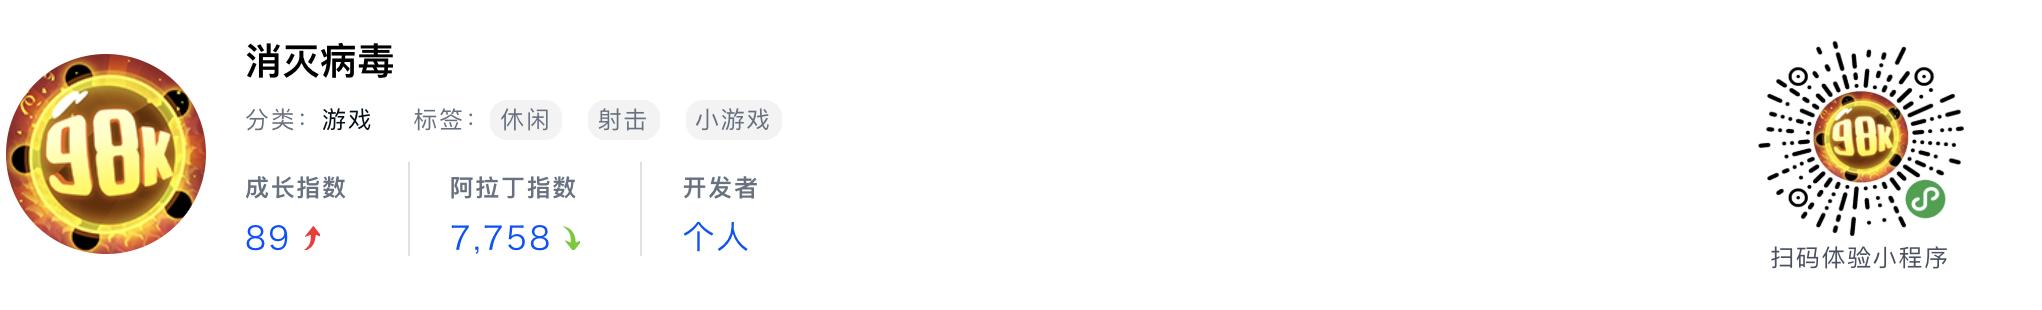 WeChatミニプログラム最新ランキングTOP20【2019年6月版】12位 :消灭病毒